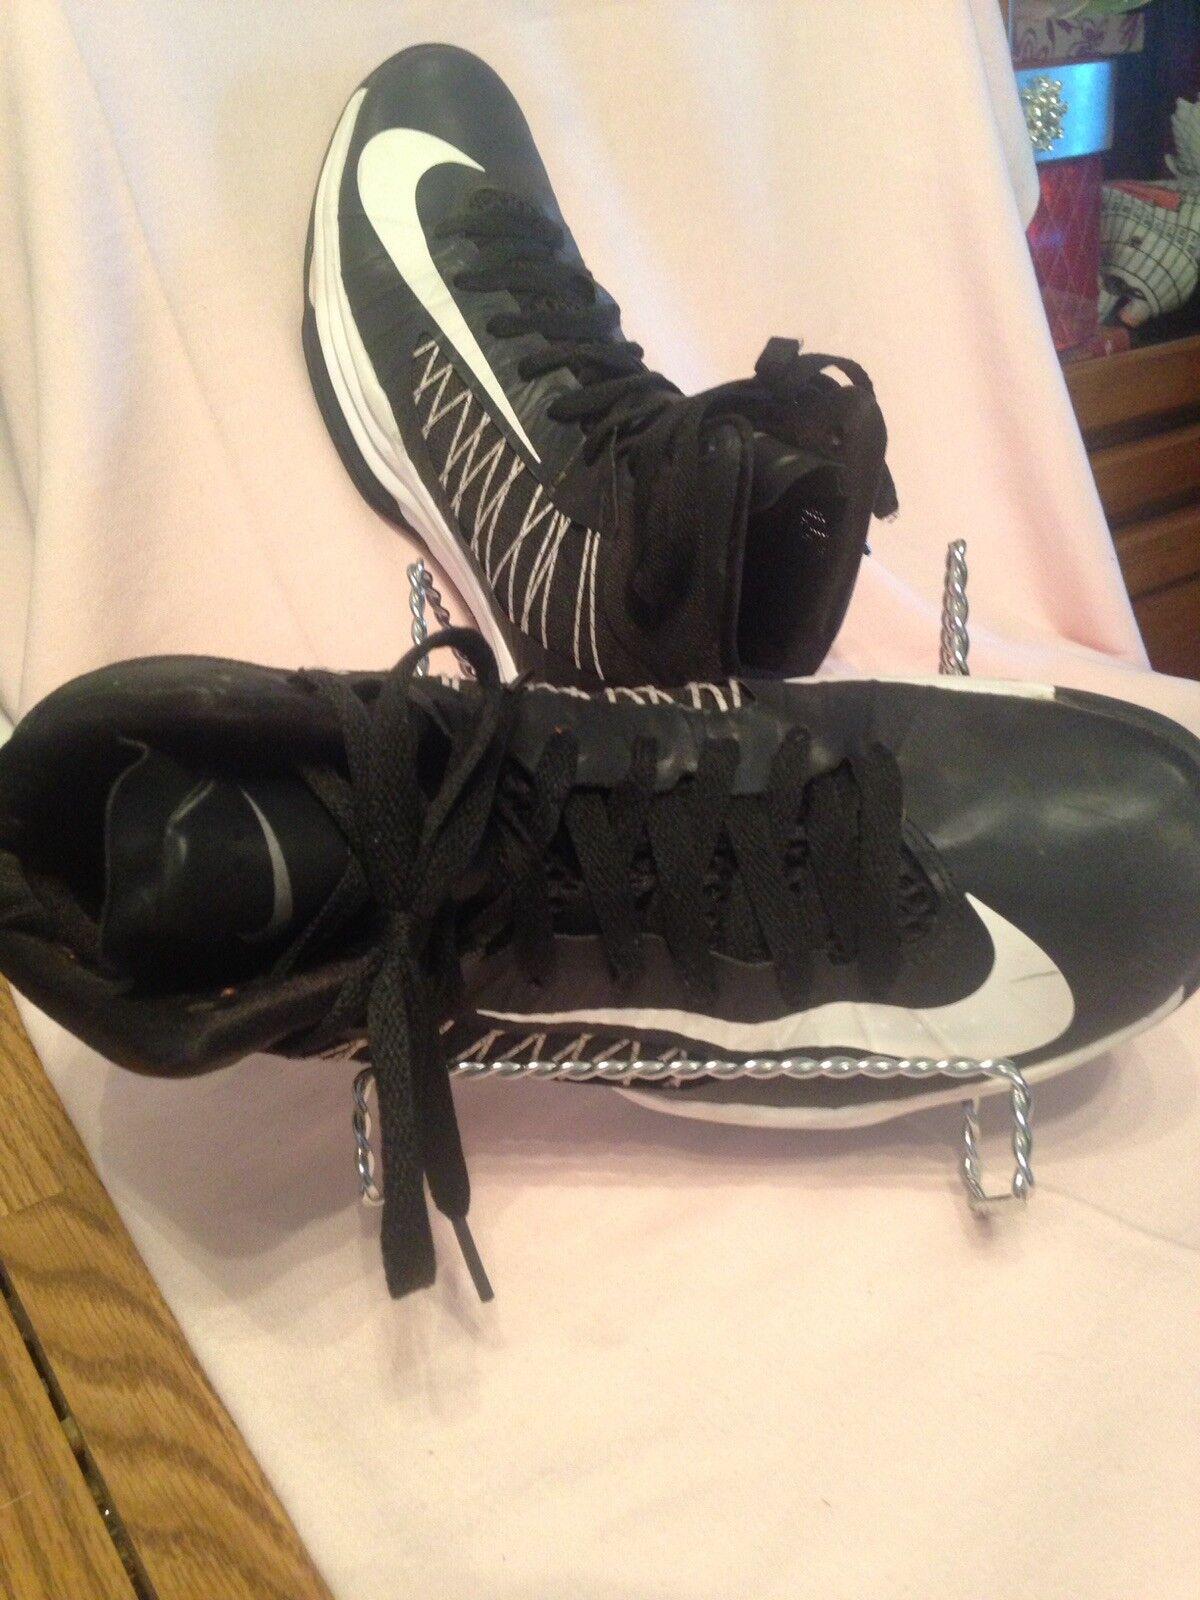 nike hyperdunk basket femminile le scarpe taglia 7,5 7,5 7,5 | Promozioni  | Per Essere Altamente Lodato E Apprezzato Dal Pubblico Dei Consumatori  | Diversi stili e stili  | Sig/Sig Ra Scarpa  885329